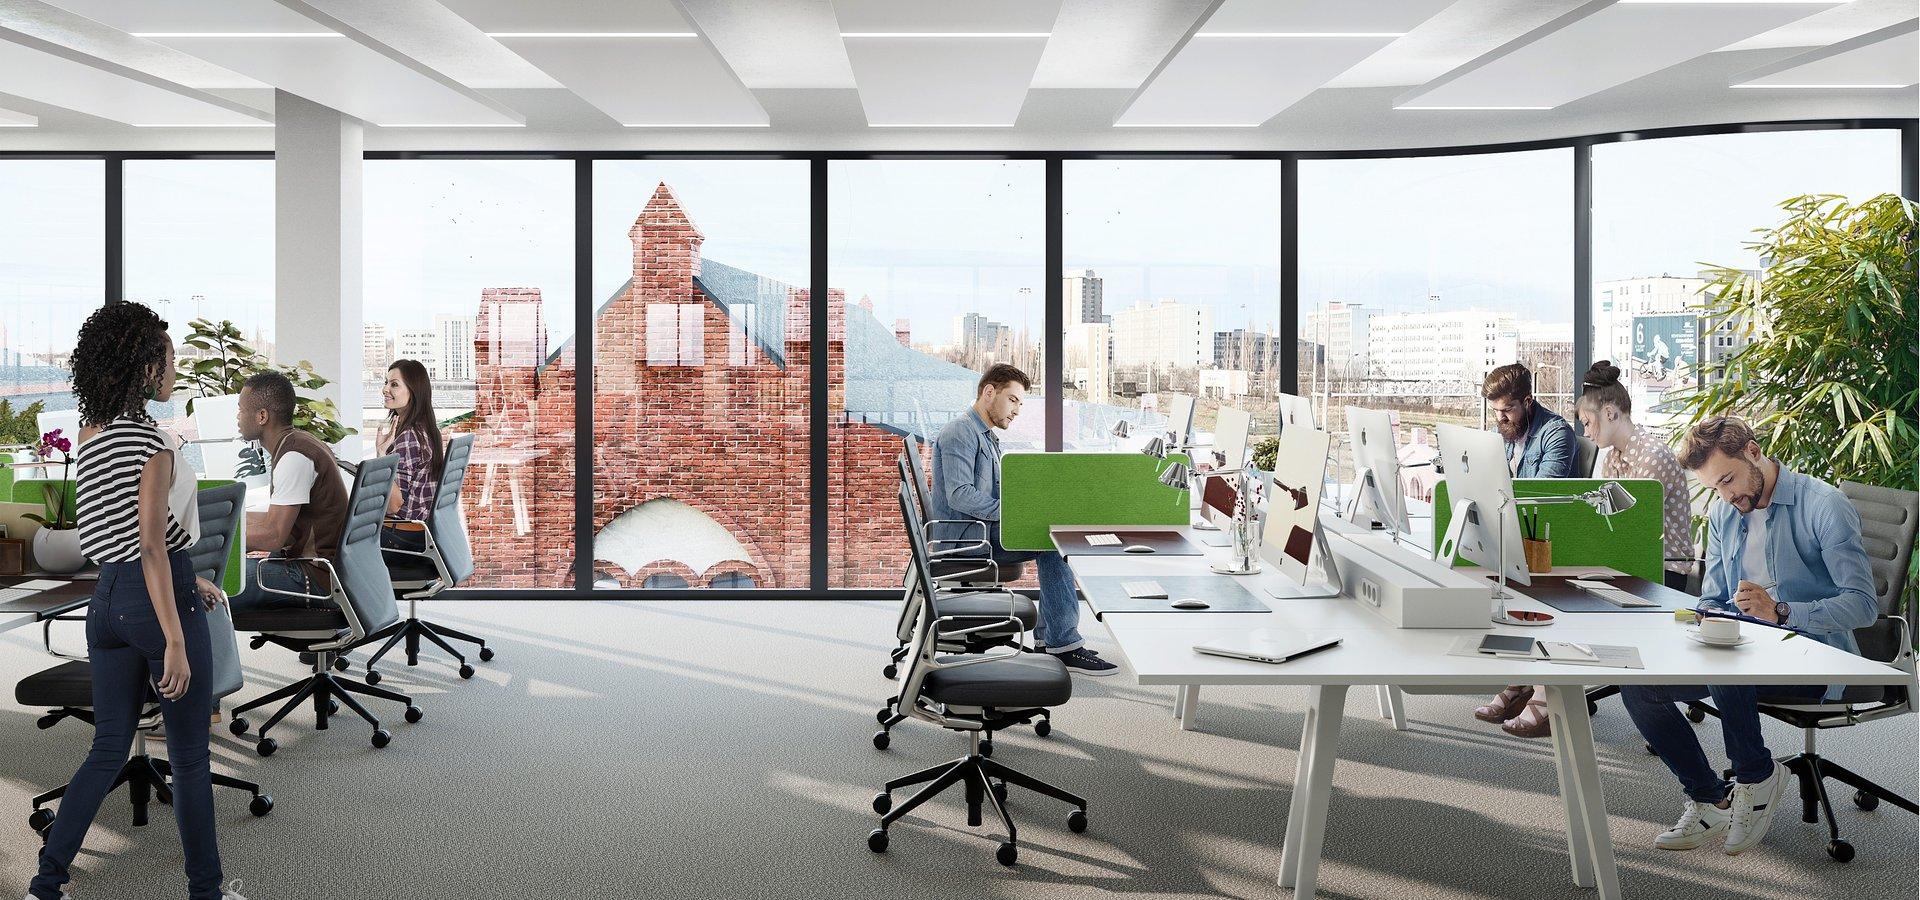 HB Reavis gewinnt WOW Tech Group auf 3.300 m² als weiteren Mieter im DSTRCT.Berlin